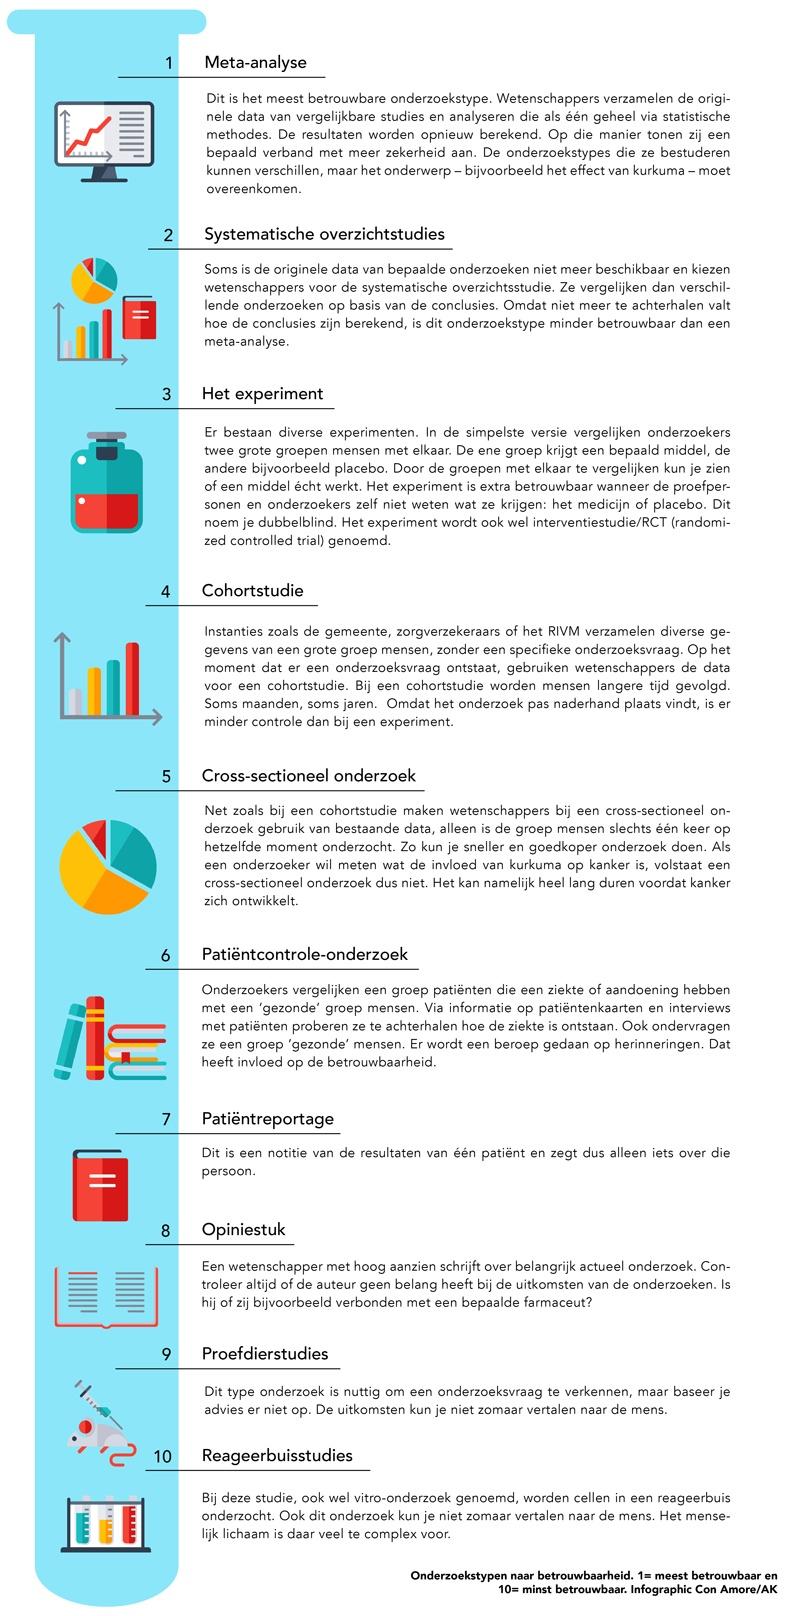 onderzoekstypen-naar-betrouwbaarheid-infographic-WEB-5